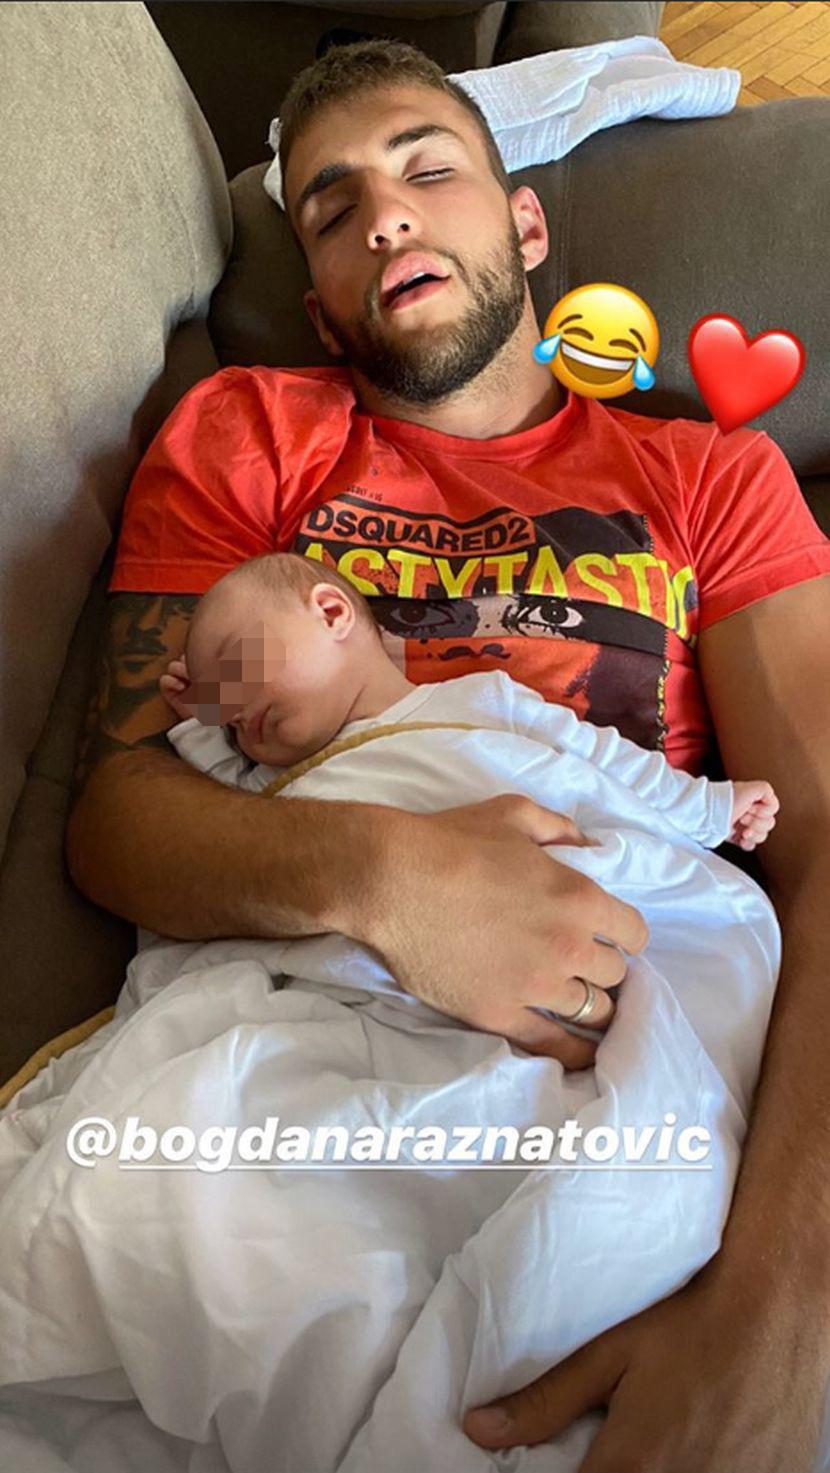 Najslađa Veljkova slika sa sinom Željkom: Obojica zaspali u krevetu, Bogdana ih krišom snimila